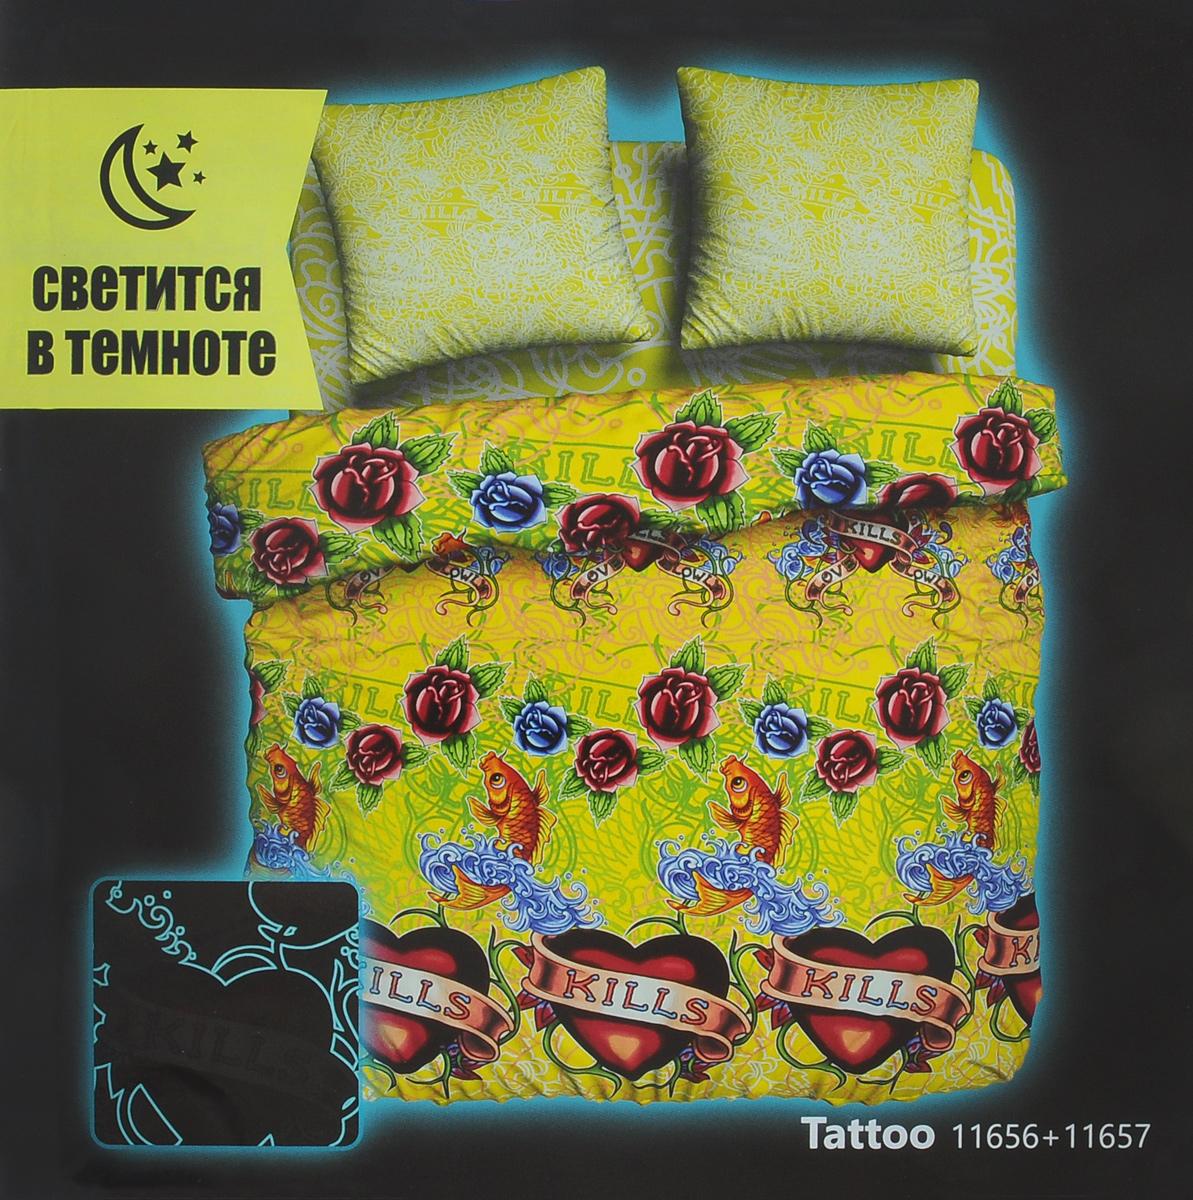 Комплект белья Unison Tattoo, 1,5-спальный, наволочки 70х70, цвет: лимонный, салатовый, малиновый. 268373268373Оригинальный комплект постельного белья Unison Tattoo из серии Neon Collection выполнен из биоматина, натуральной 100% хлопковой ткани, которая имеет свойство, светится в темноте. Постельное белье светится в темноте без помощи ультрафиолета. Заряжается комплект от любого источника света, что позволяет святиться в темноте продолжительное время. Комплект оформлен оригинальным рисунком, который имеет потенциал свечения до 8 часов с эффектом угасания. Ткань приятная на ощупь, при этом она прочная, хорошо сохраняет форму и легко гладится. Комплект состоит из пододеяльника, простыни и двух наволочек. Используемые красители безопасны для человека и животных. Благодаря такому комплекту постельного белья вы создадите неповторимую атмосферу в вашей спальне. Рекомендуется стирать в стиральной машине в мешке в режиме деликатной стирки, при температуре до +40°C, предварительно вывернув комплект наизнанку.